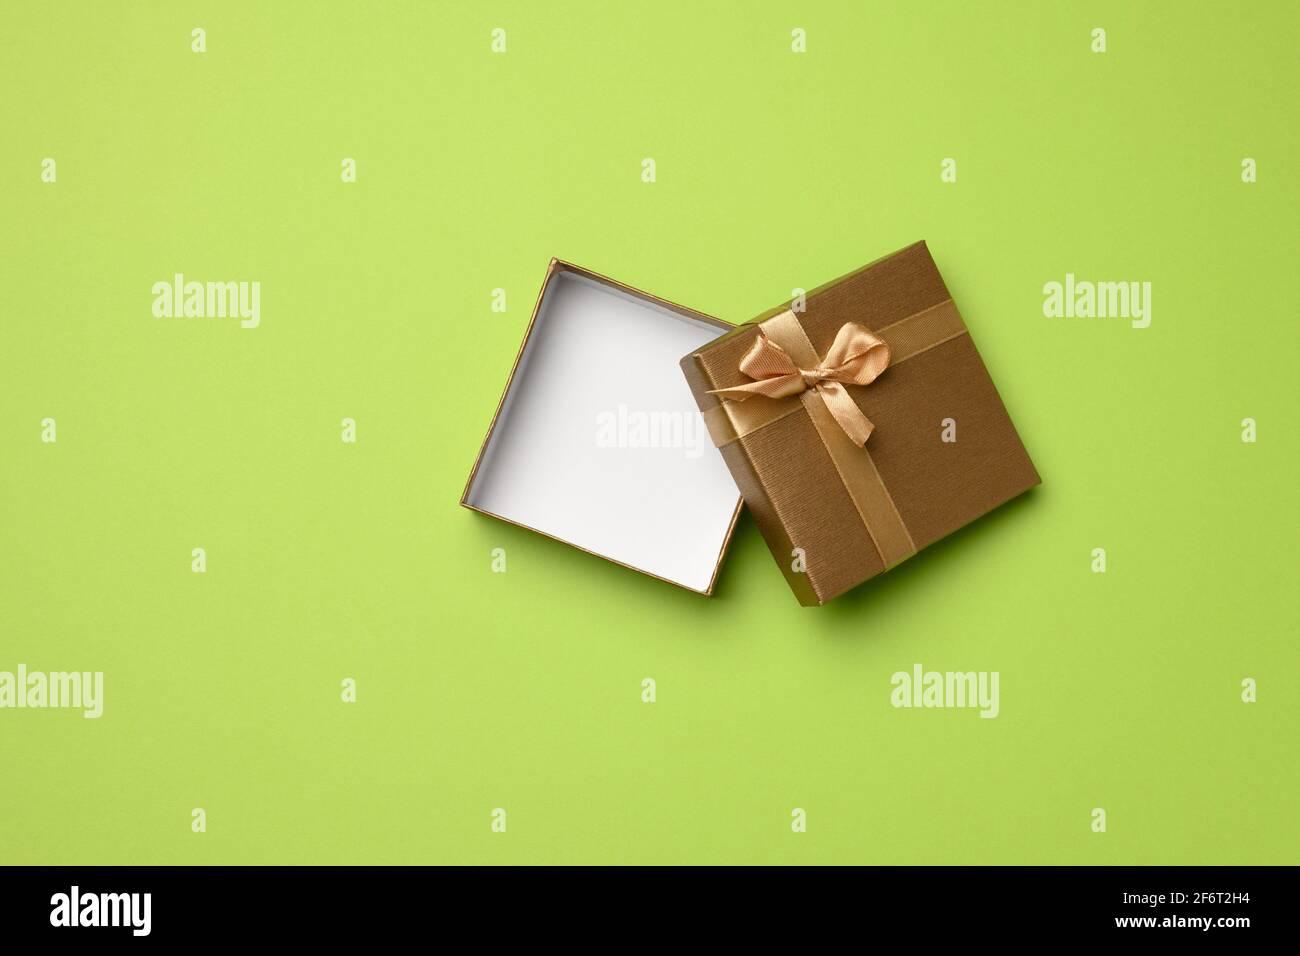 boîte dorée carrée vide avec noeud en carton sur fond vert, cadeau ouvert, vue du dessus. Banque D'Images